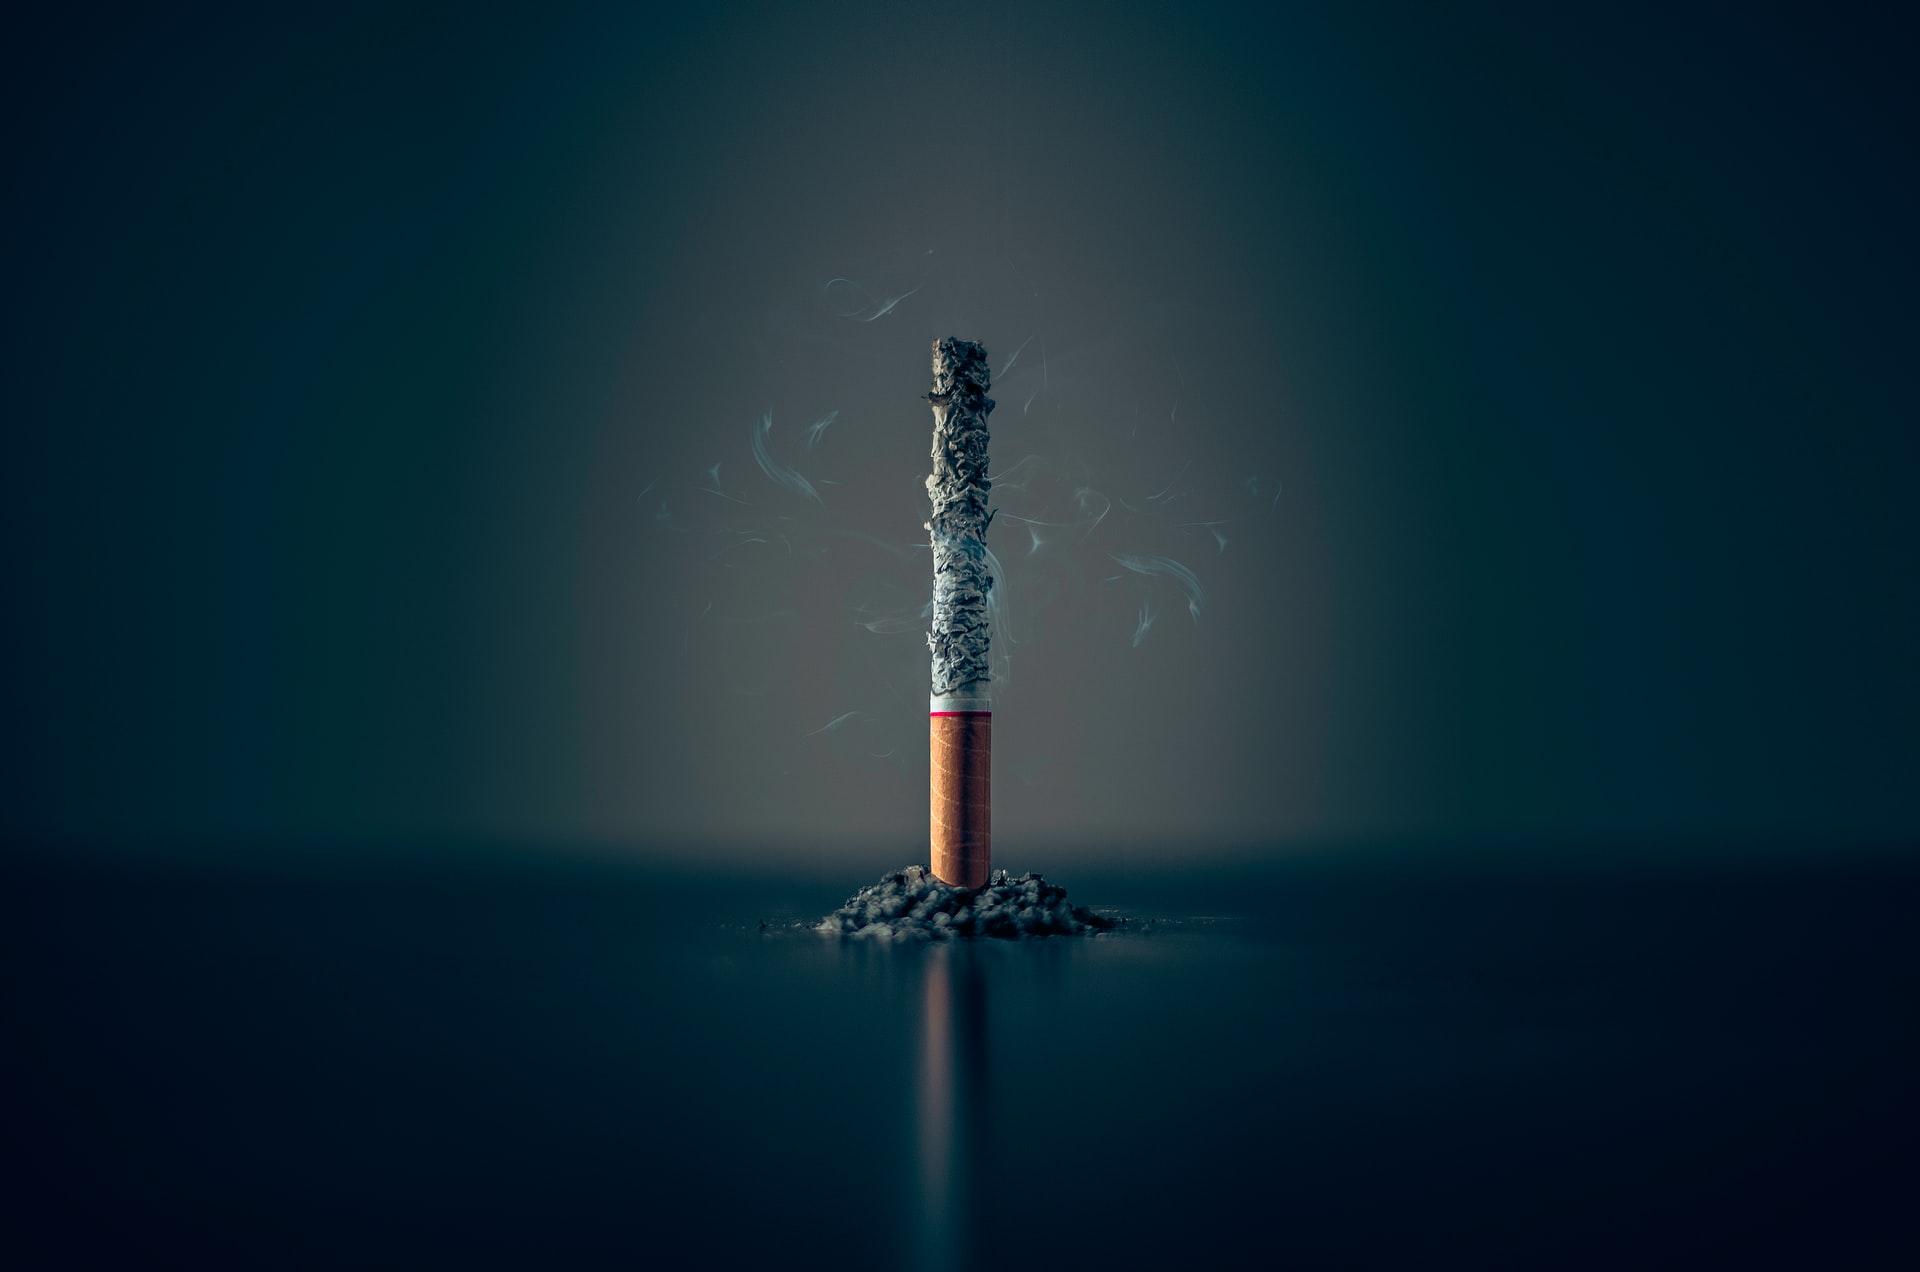 La cigarette électronique est-elle nocive pour la santé ?